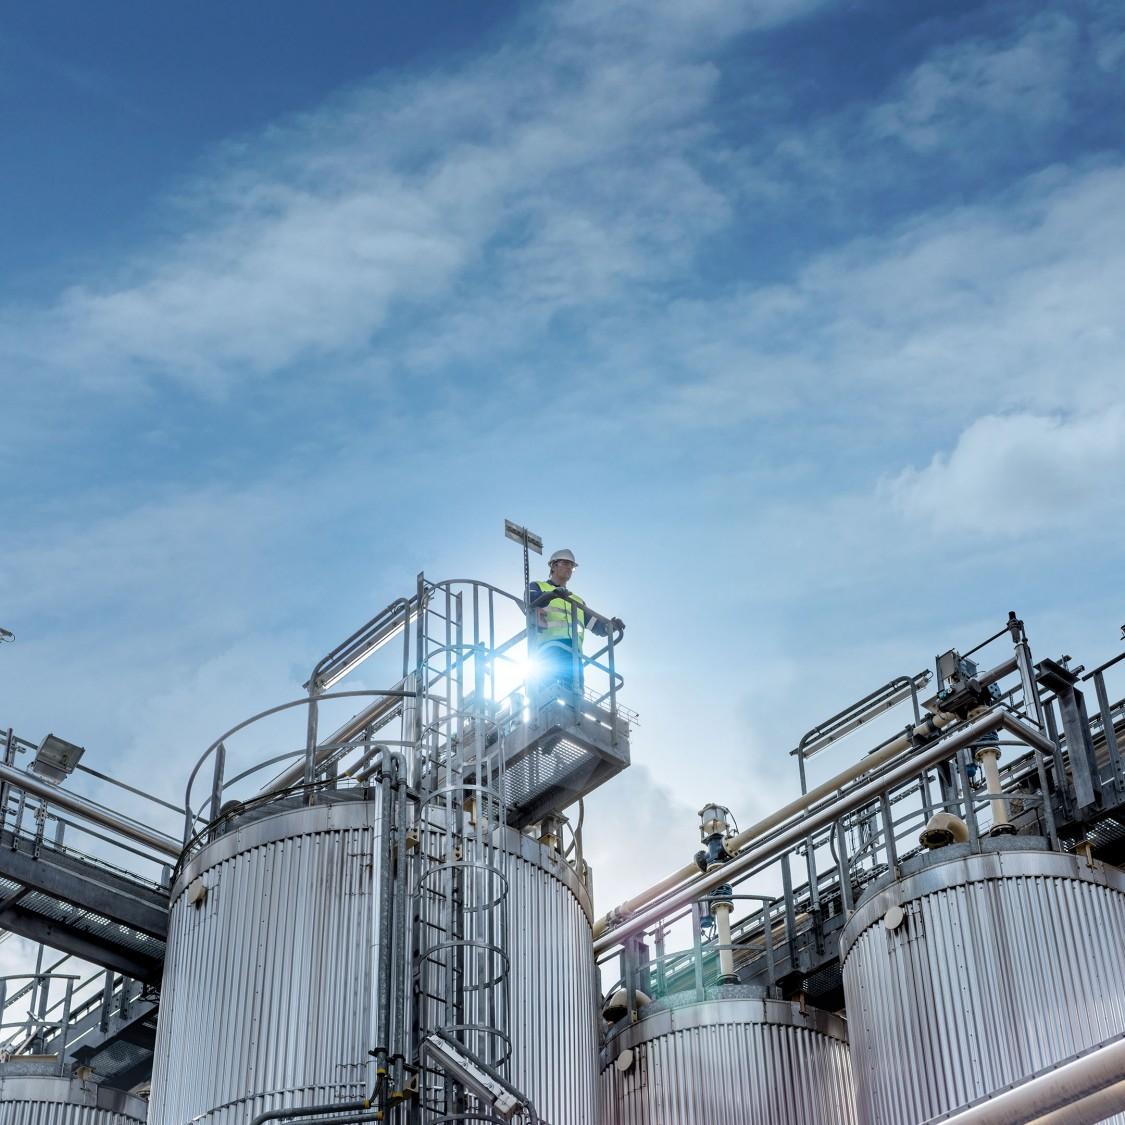 Proses Kontrol Sistemleri İçin Endüstri Servisleri